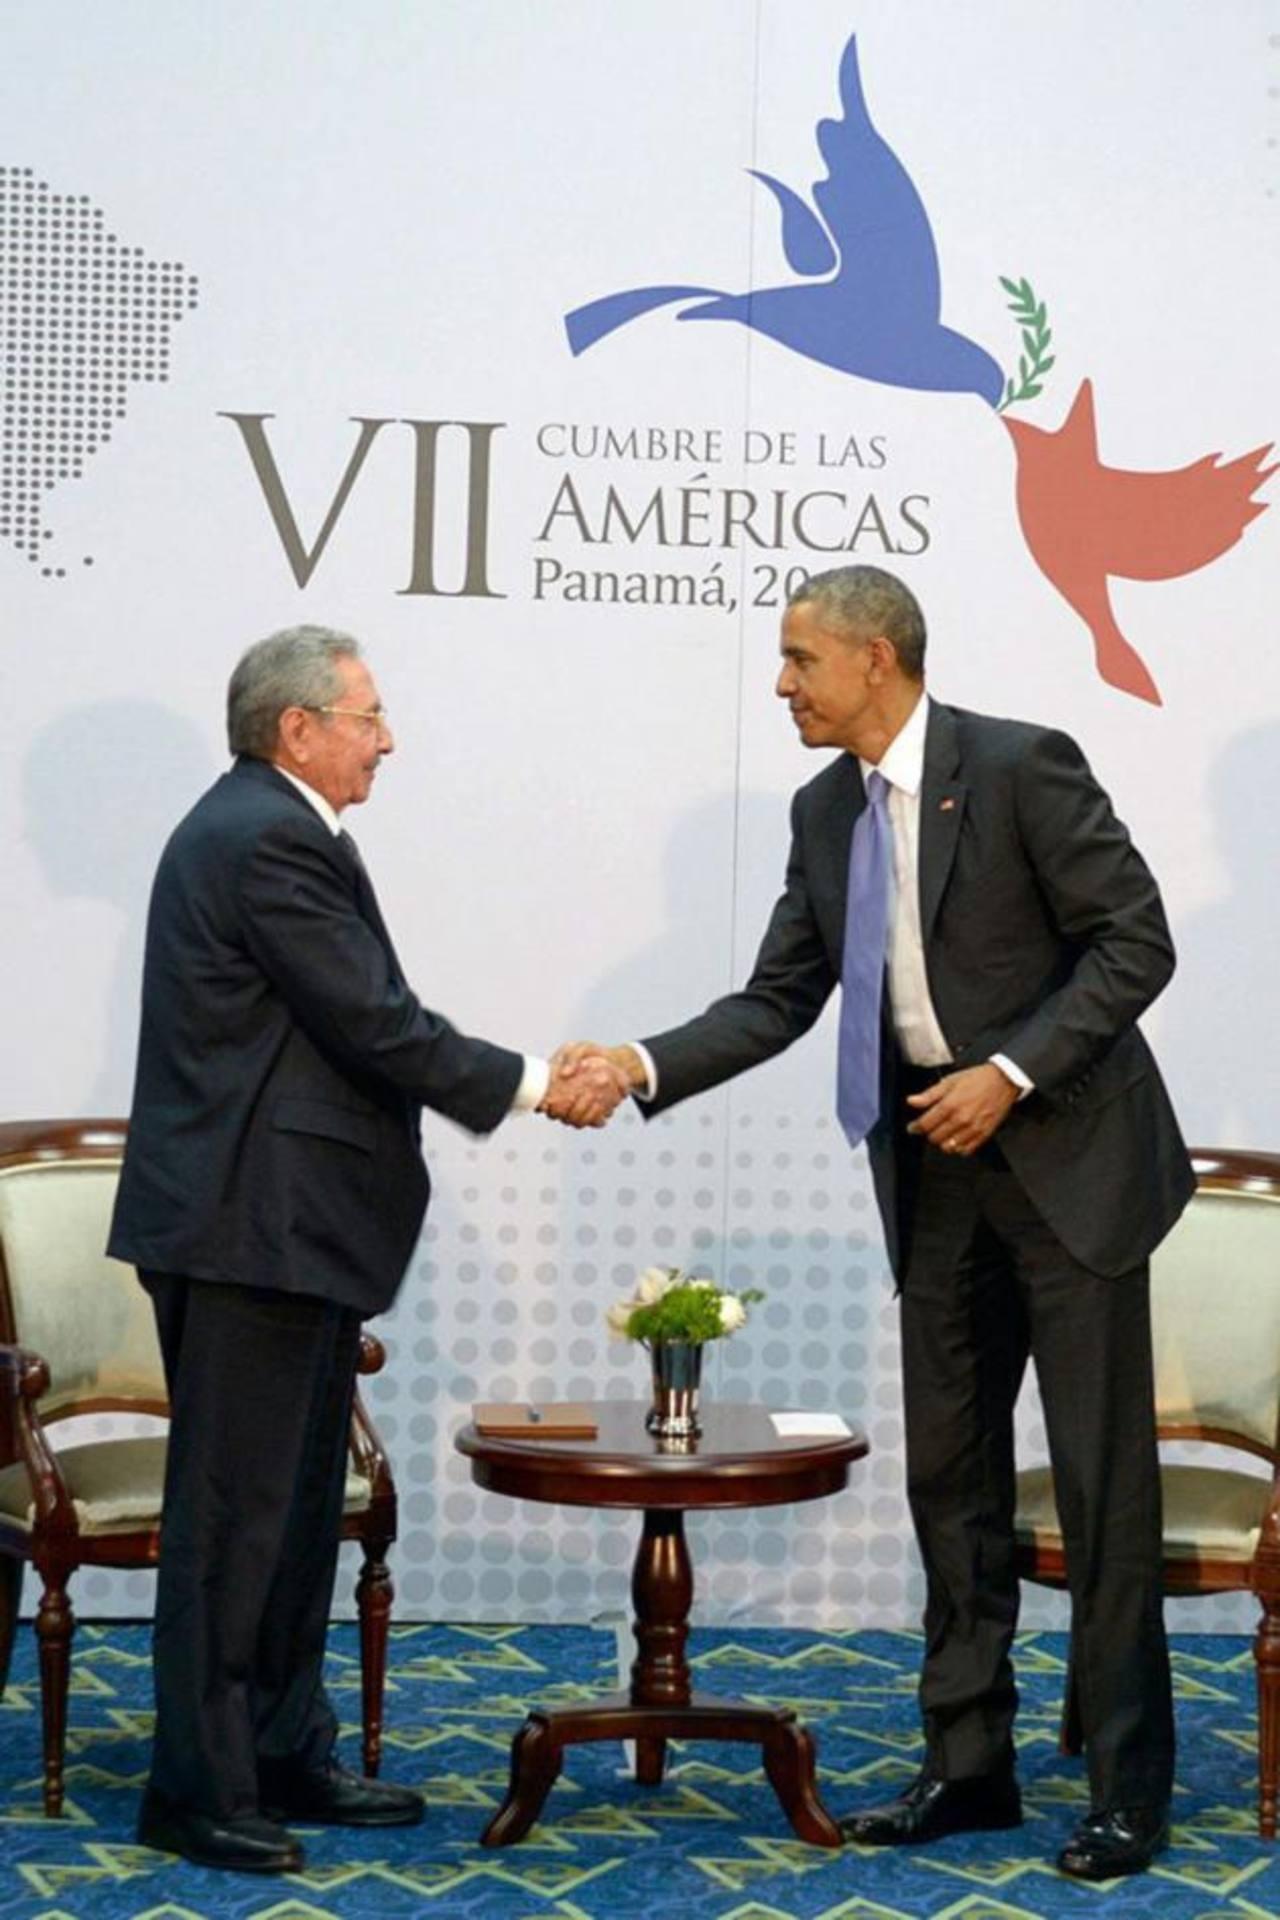 Raúl Castro y Barack Obama, durante la Cumbre de las Américas realizada en abril de este año en Panamá. foto EDH/Archivo